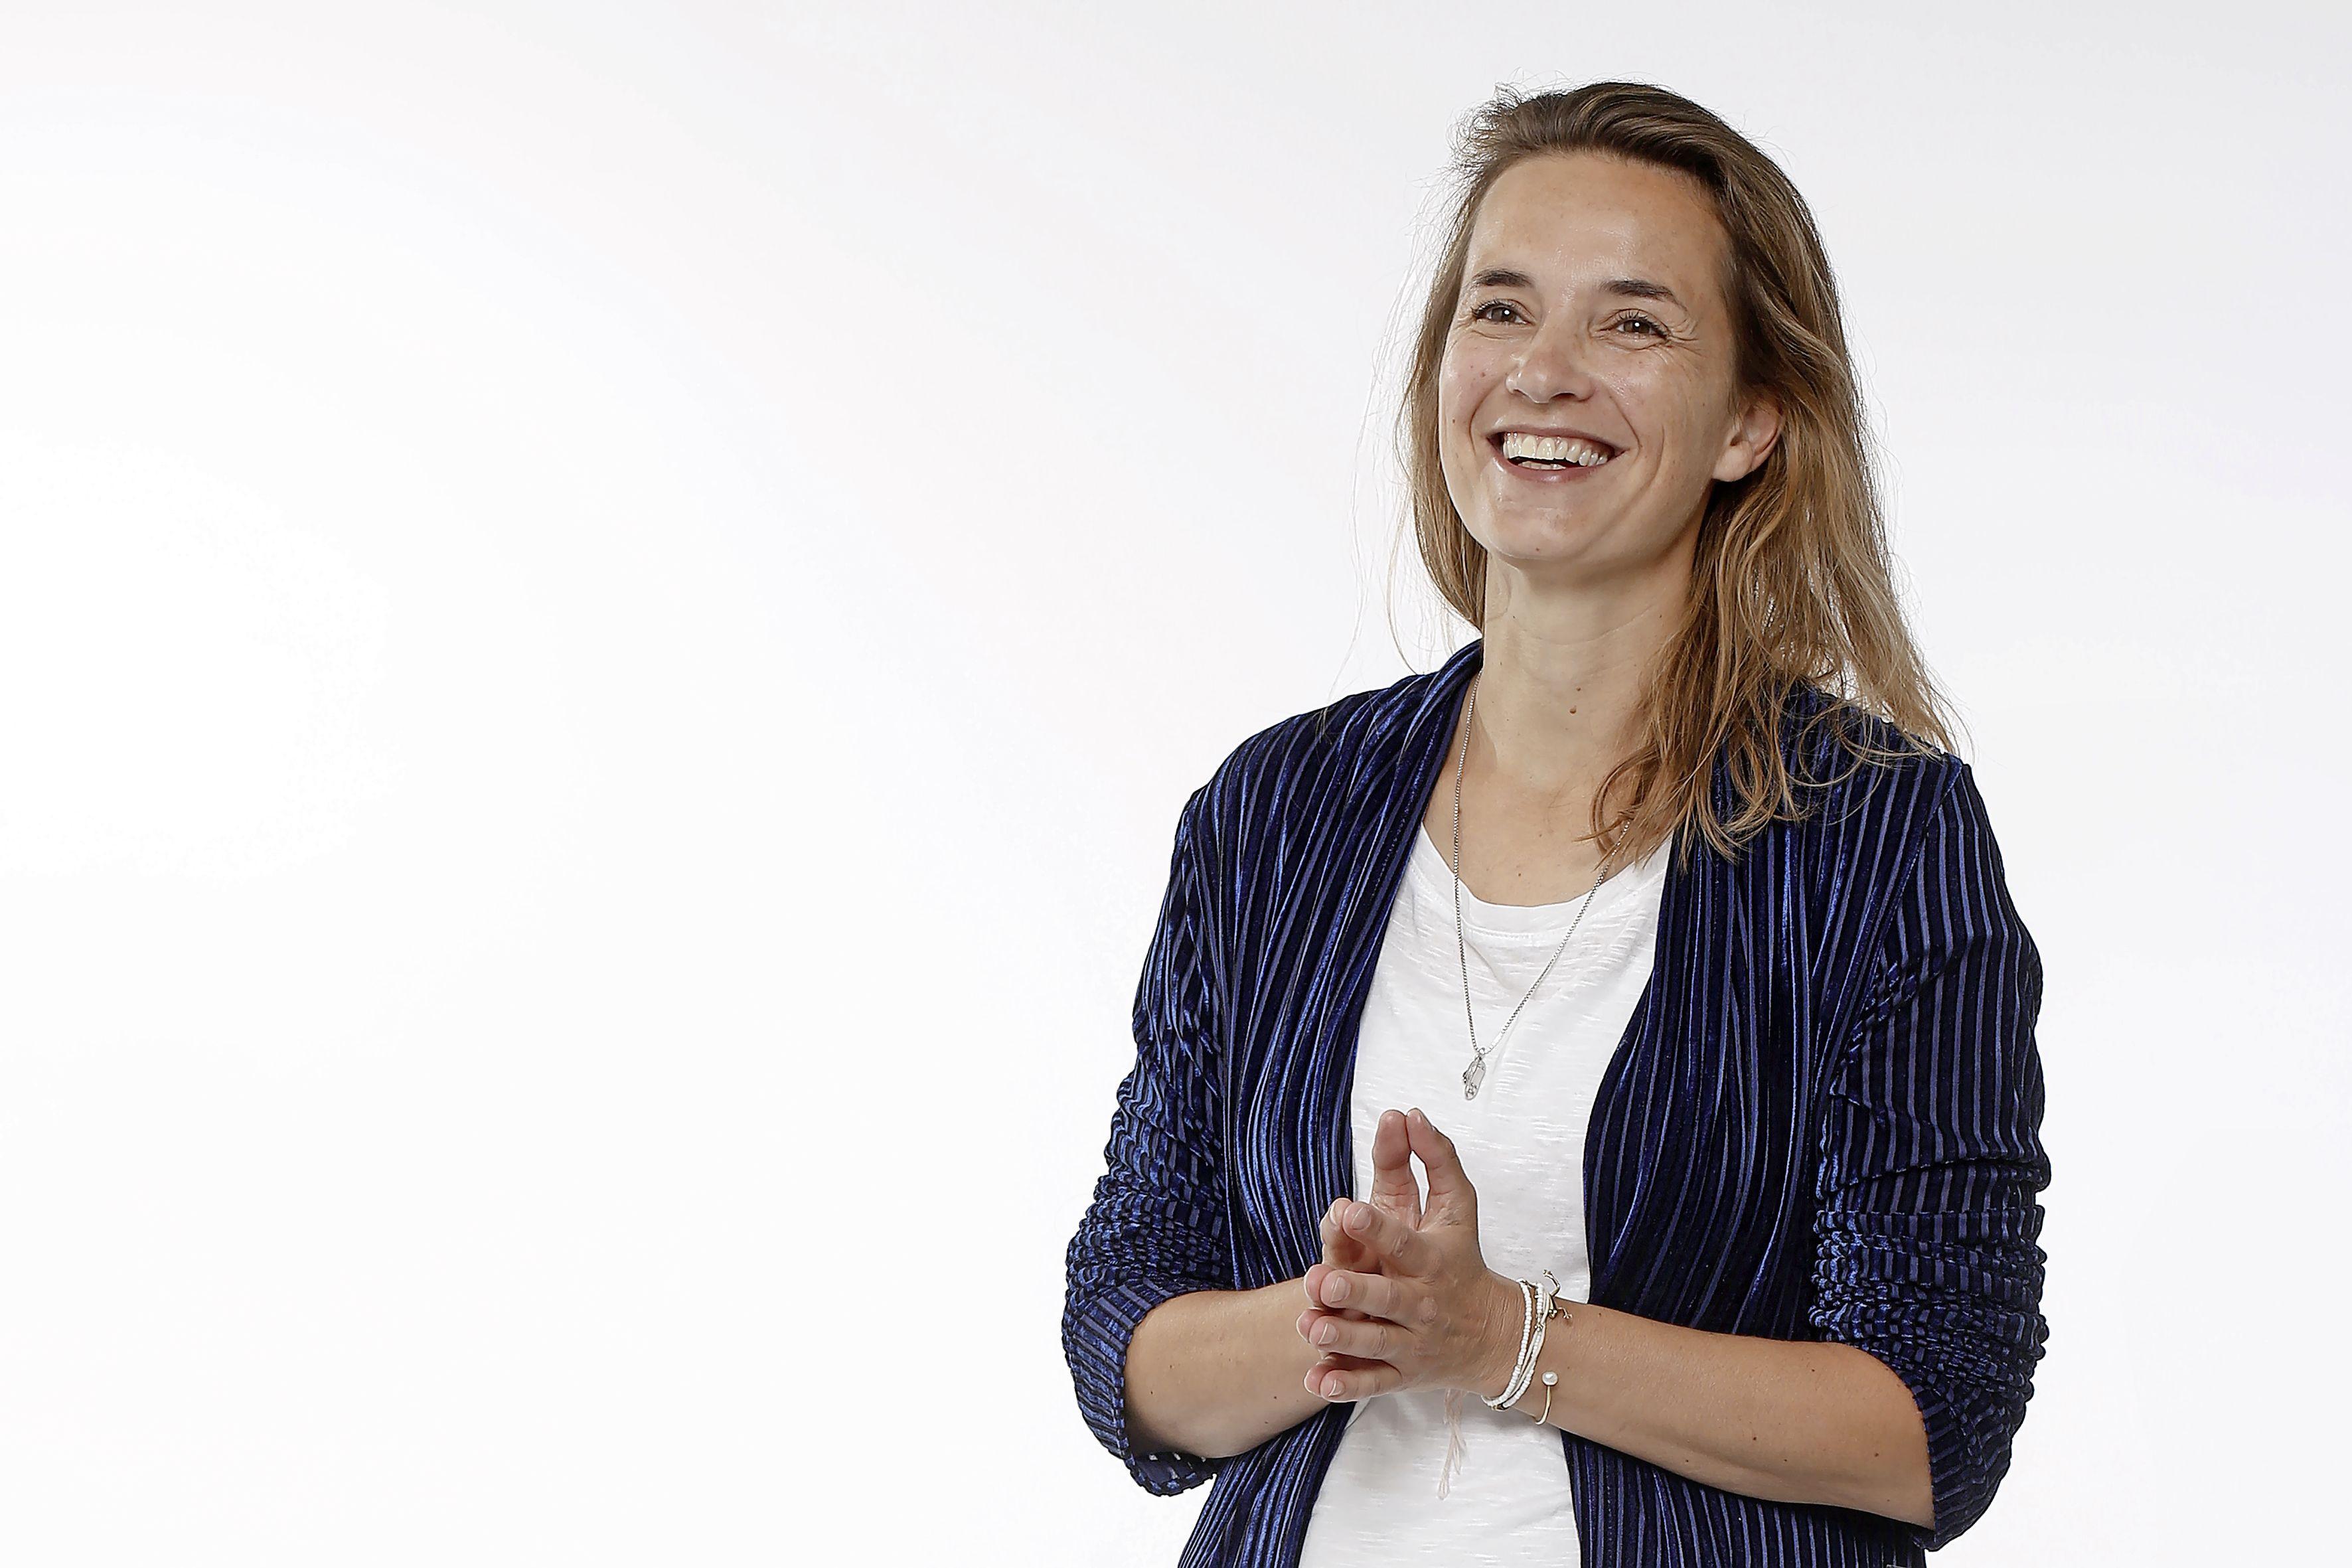 'Gooi alle pannen door de keuken en vertrek ook'; Janneke van der Horst kijkt terug op werk in een Larens pannenkoekenhuis | column